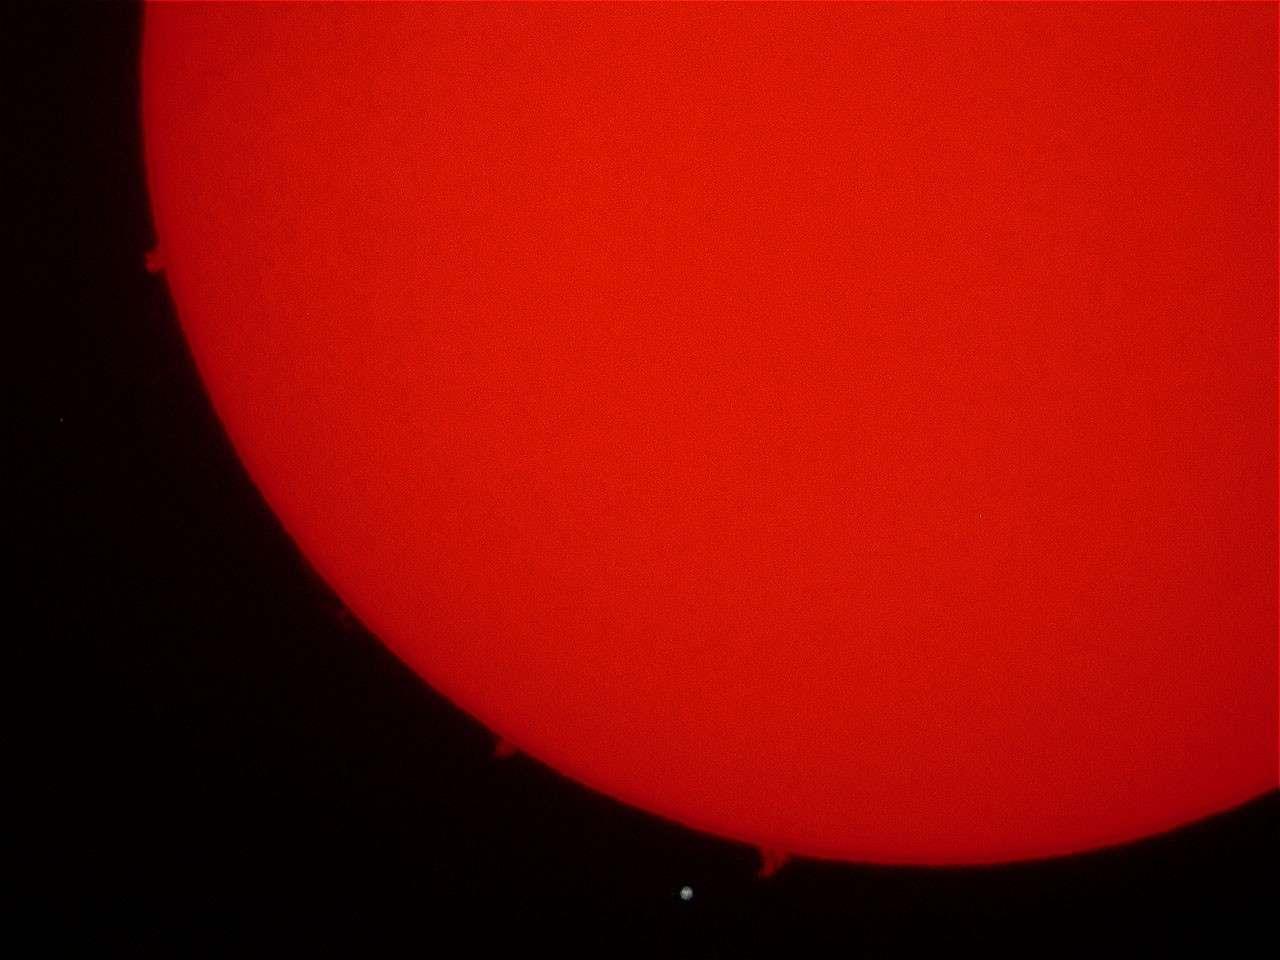 """Un morceau de la surface solaire et ses protubérances avec la Terre à l'échelle. Crédit """"Roule"""" du forum d'astronomie de Futura-Sciences"""